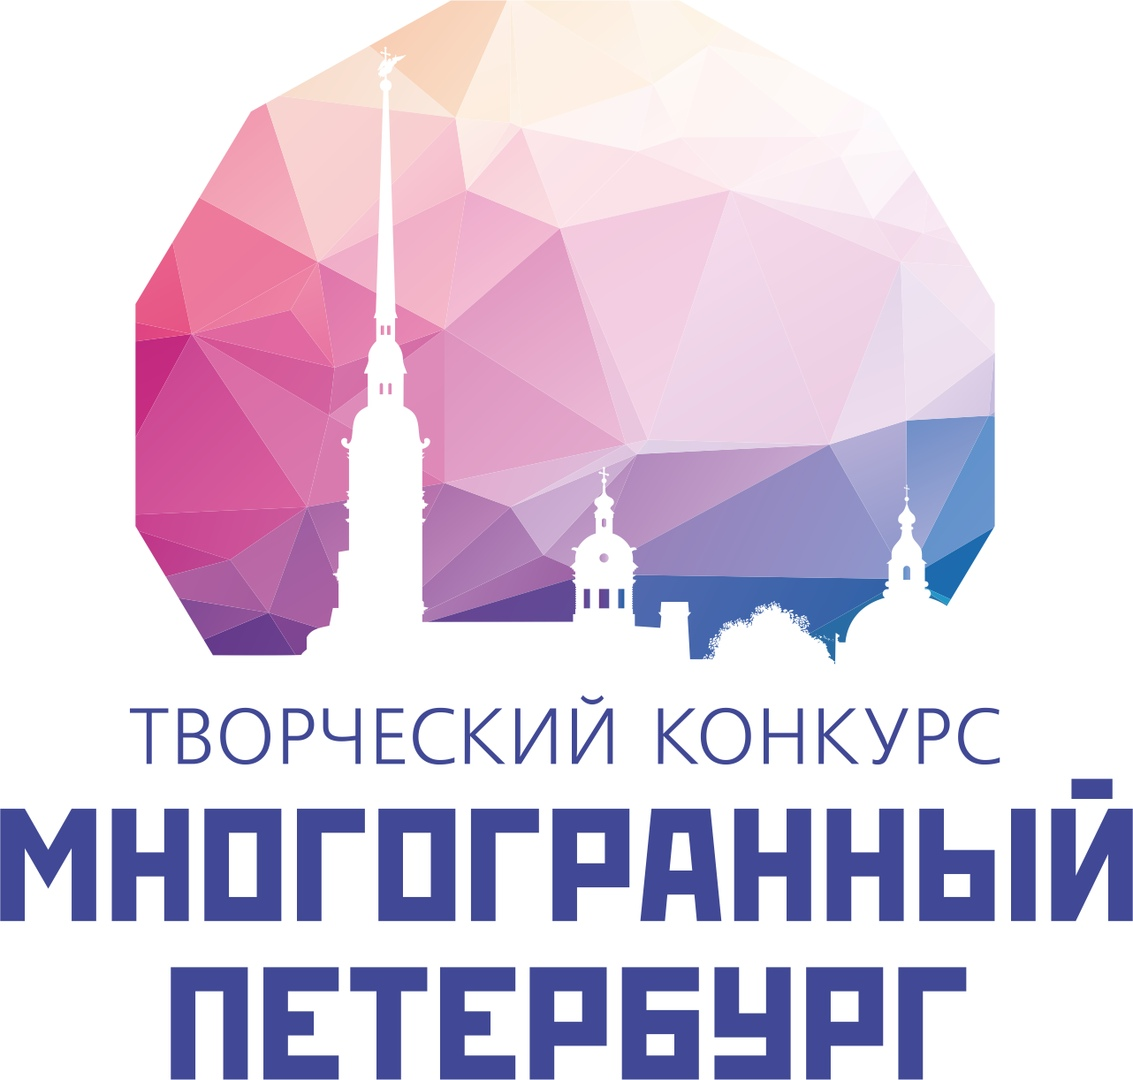 """Творческий конкурс среди иностранных граждан """"Многогранный Петербург"""""""